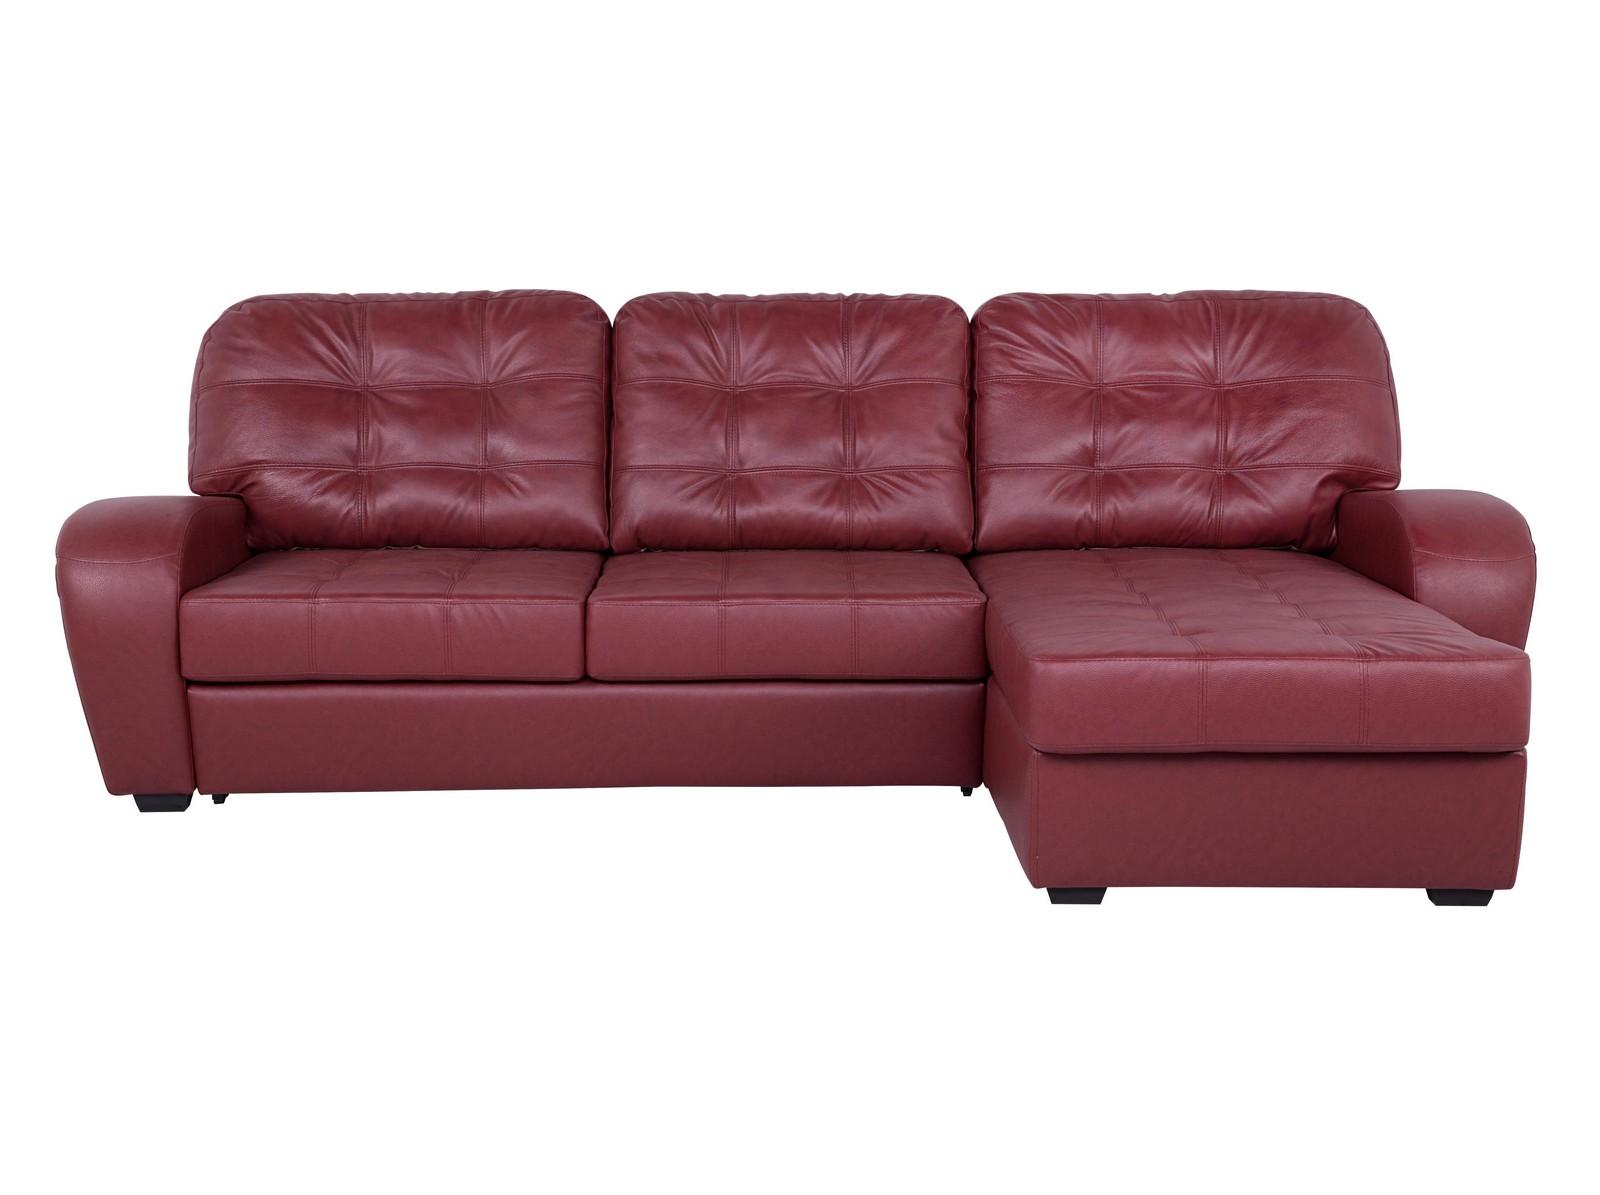 Угловой диван-кровать МонреальКожаные диваны<br>&amp;lt;div&amp;gt;Удобная, но компактная кровать - кто не мечтает о такой? &amp;amp;nbsp;У раскладного дивана &amp;quot;Монреаль&amp;quot; в основе ортопедическая решетка, поэтому ваш сон будет комфортным. А большой отсек для хранения спальных принадлежностей и раскладной механизм помогут сэкономить место.&amp;lt;/div&amp;gt;&amp;lt;div&amp;gt;&amp;lt;br&amp;gt;&amp;lt;/div&amp;gt;&amp;lt;div&amp;gt;Размер спального места: 240х160 см.&amp;lt;/div&amp;gt;<br><br>Material: Кожа<br>Width см: 288<br>Depth см: 191<br>Height см: 104